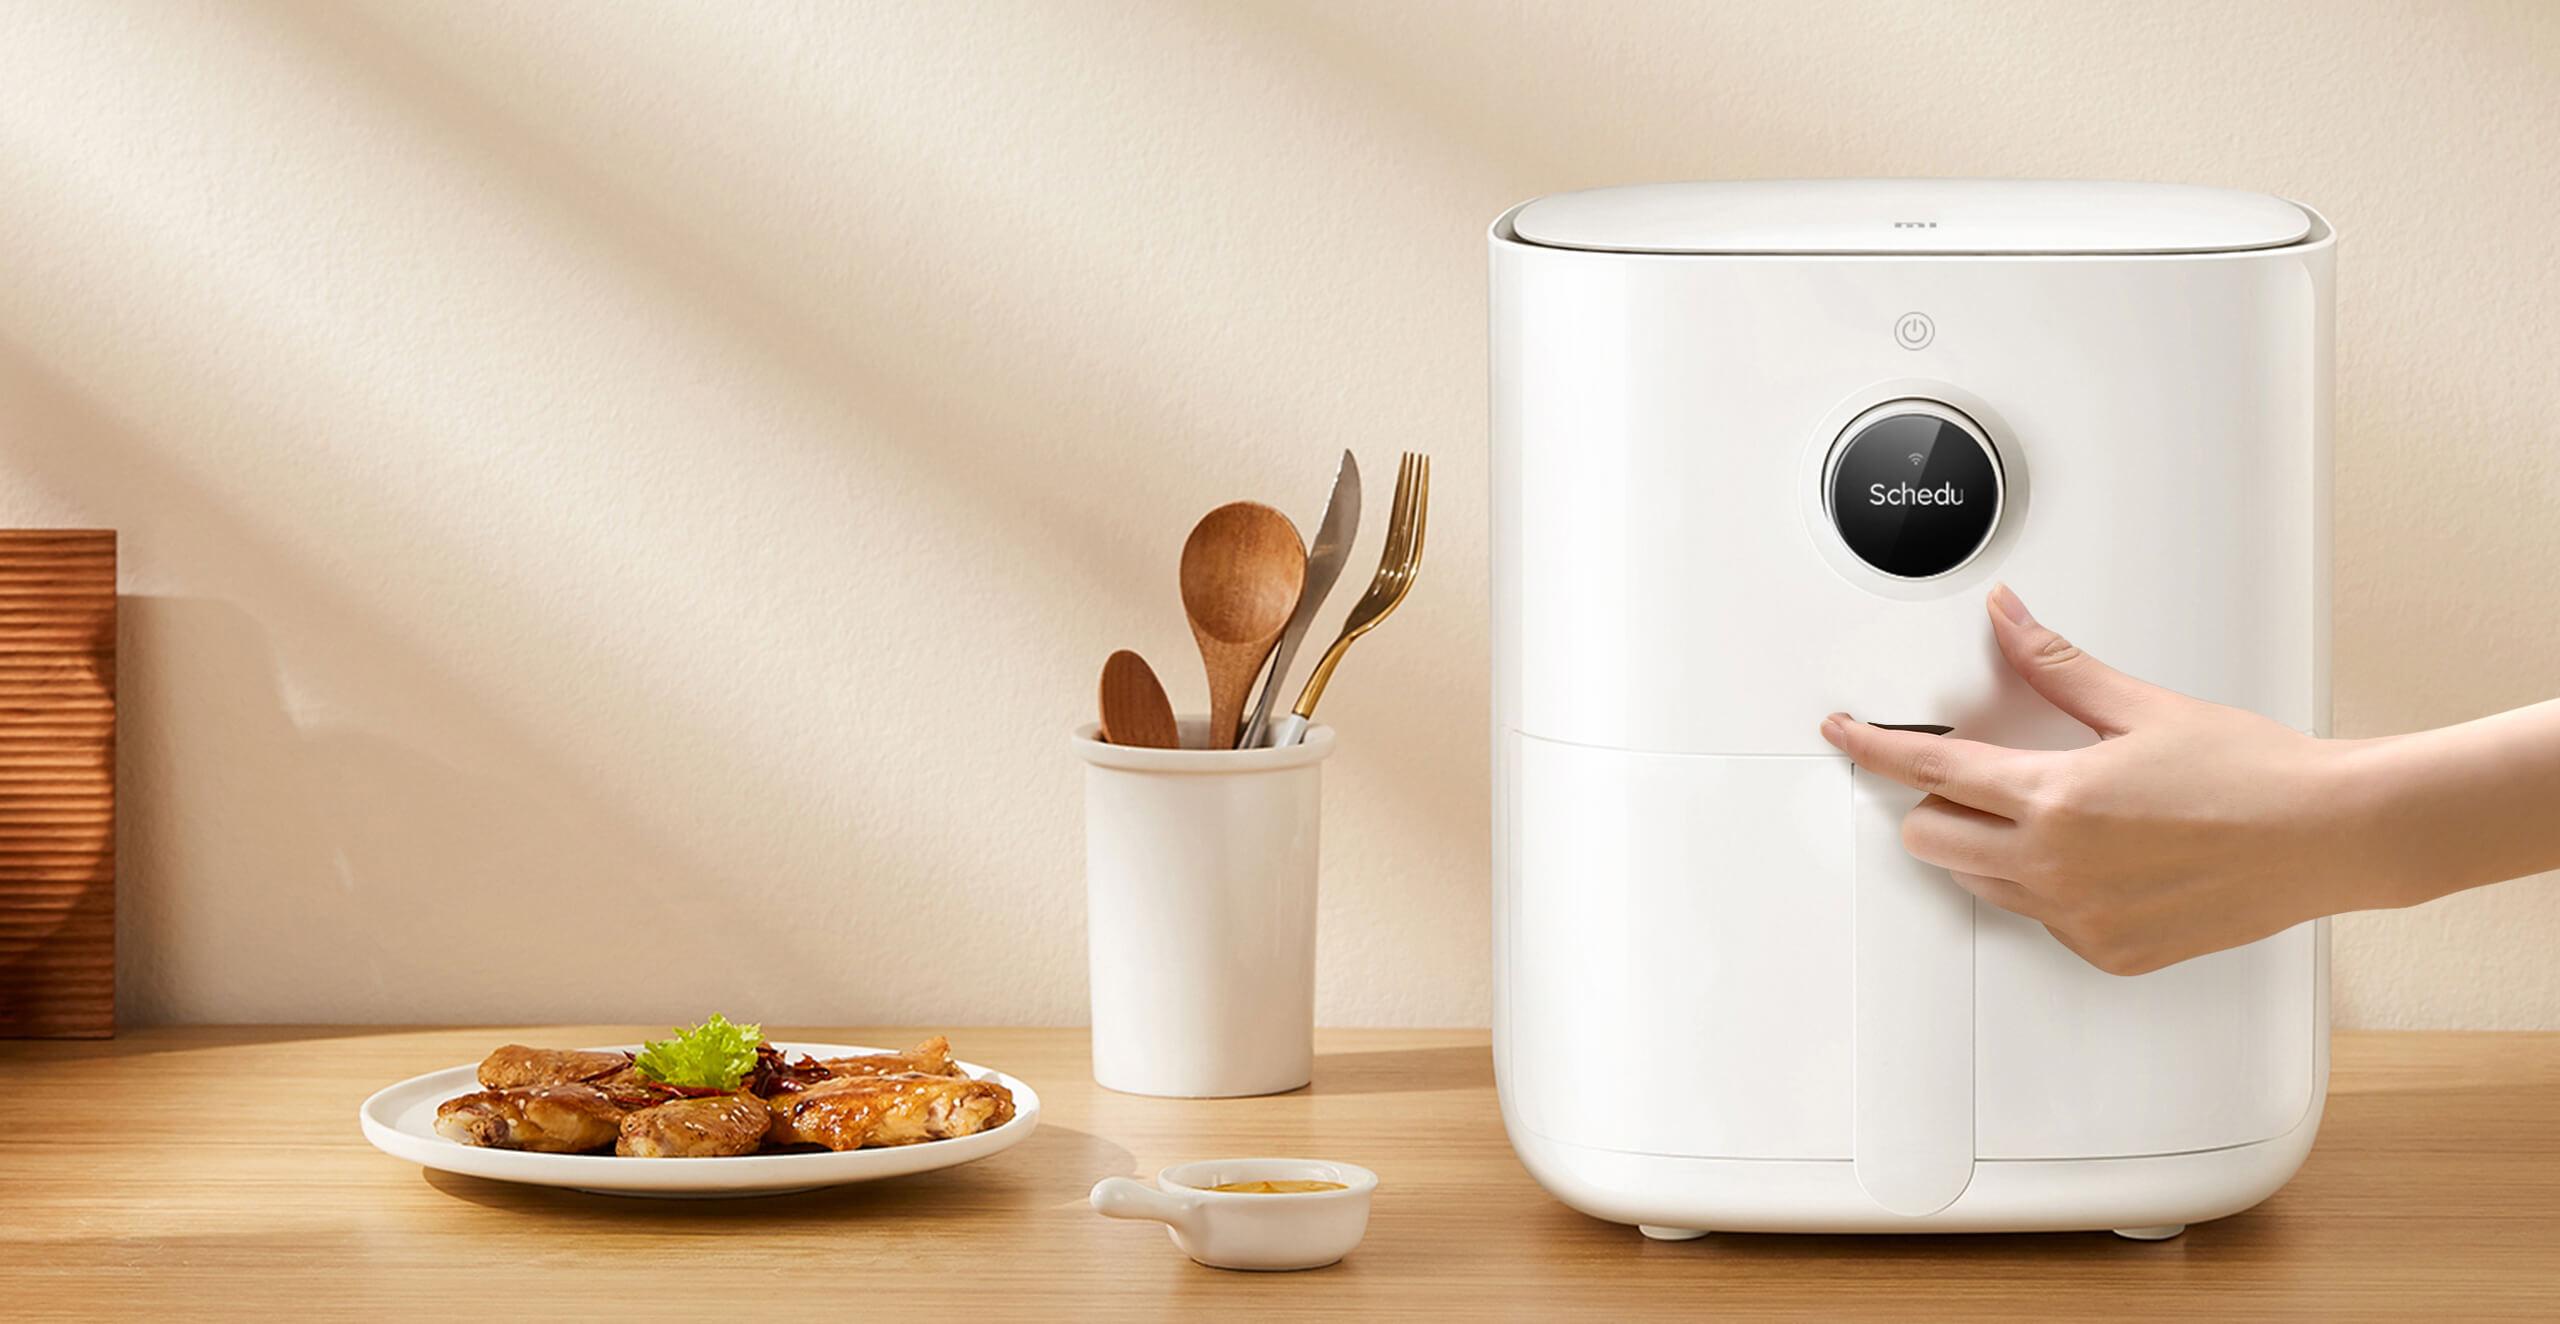 Mi Smart Air Fryer, la freidora sin aceite de Xiaomi llega a Europa cargada de recetas. Noticias Xiaomi Adictos